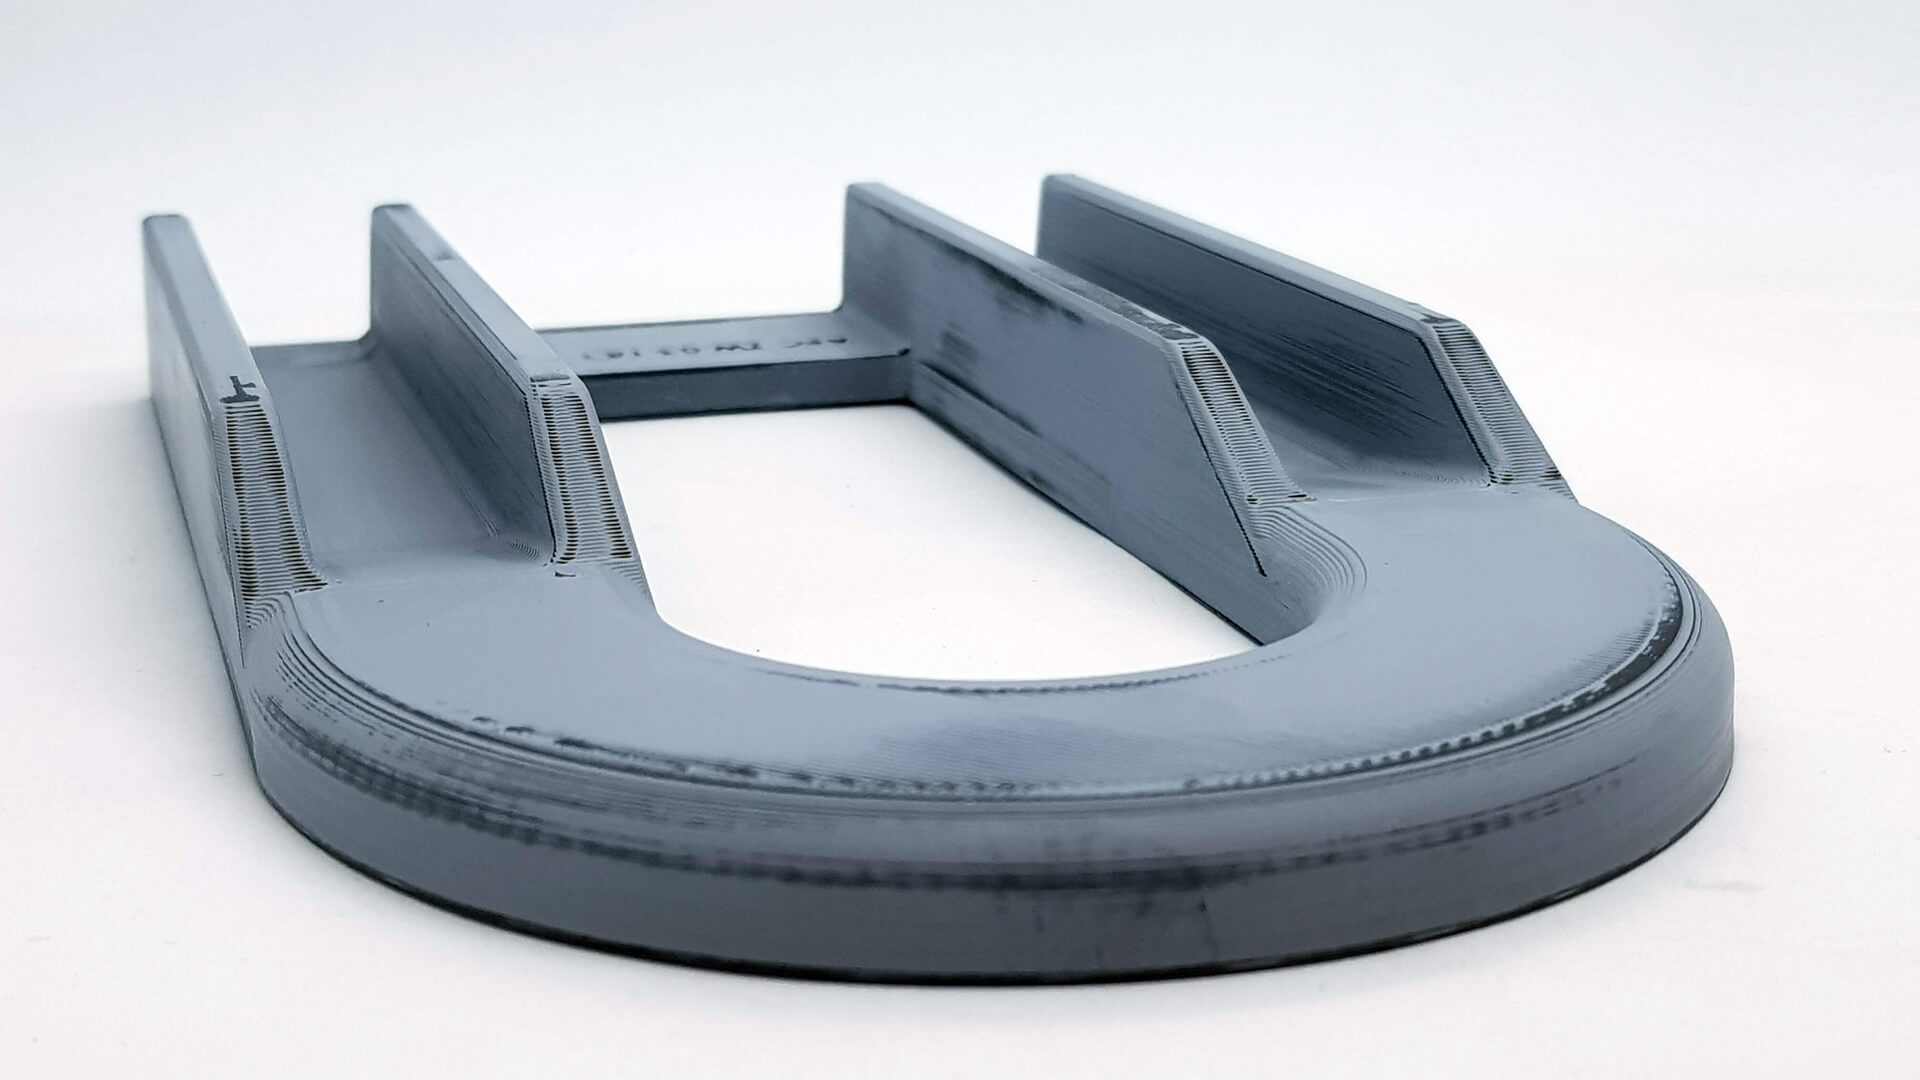 modele odlewnicze na drukarce 3d